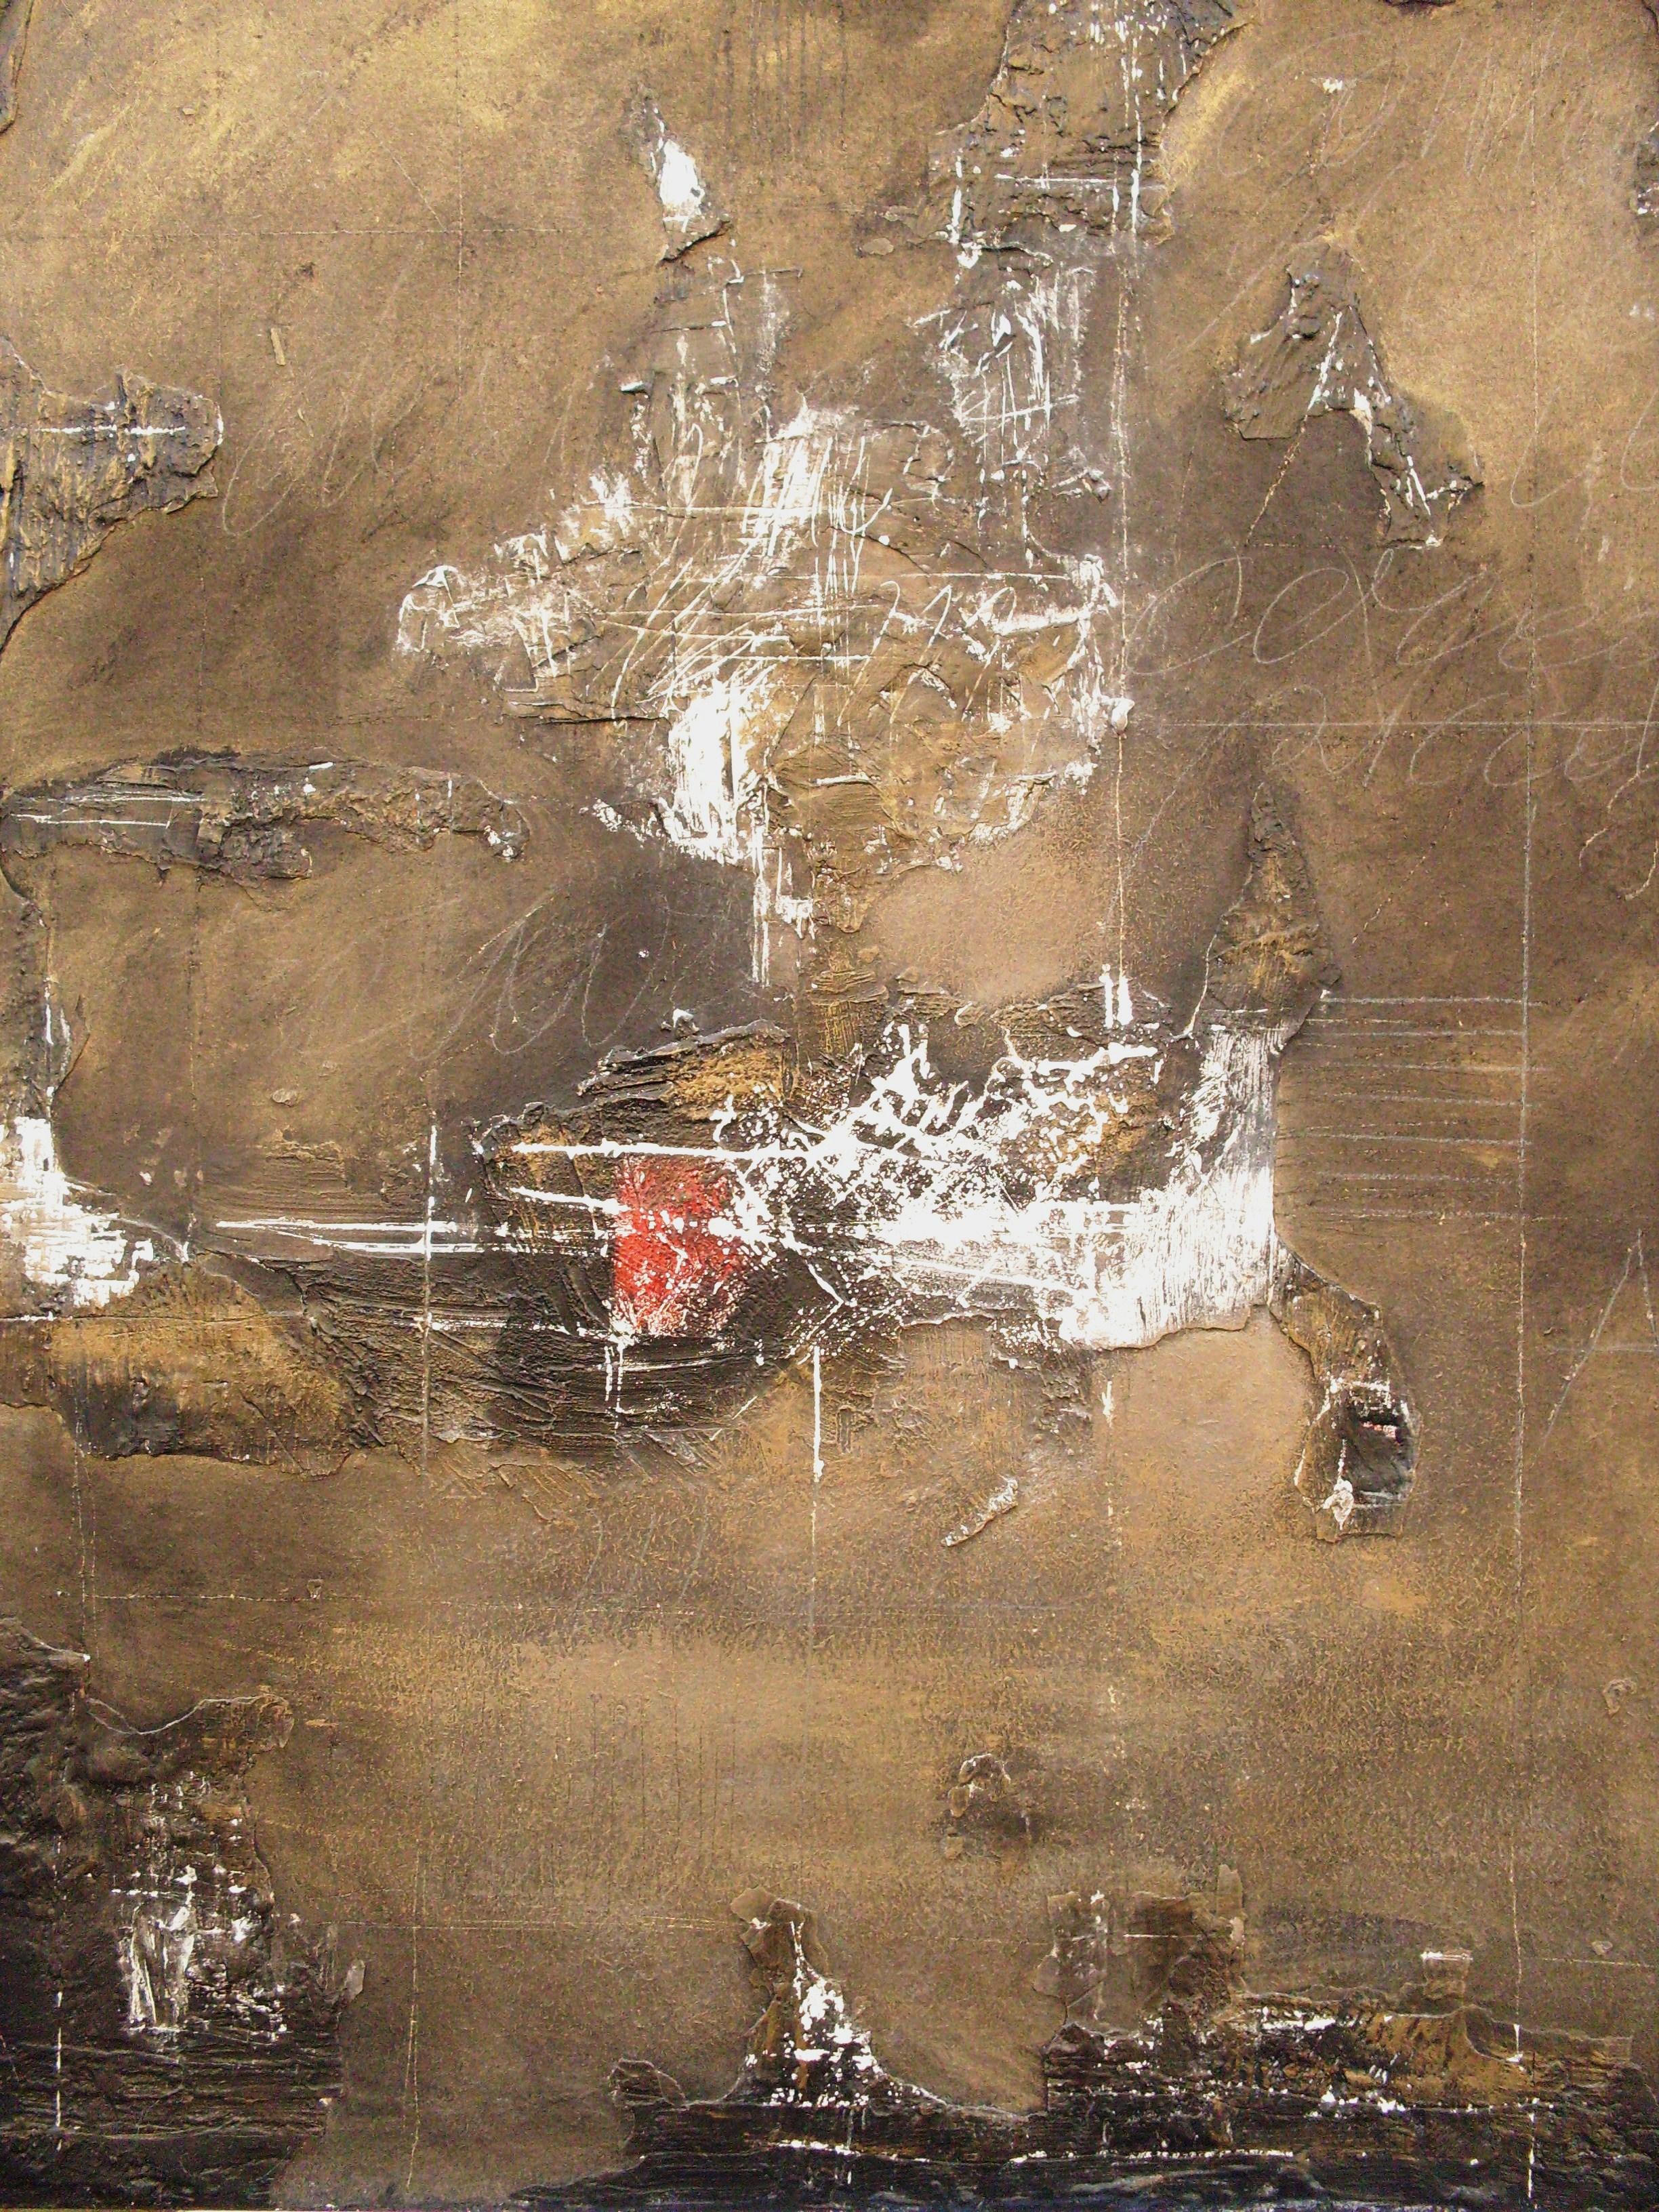 Riflessioni, tecnica mista su tavola, 120x100, 2000